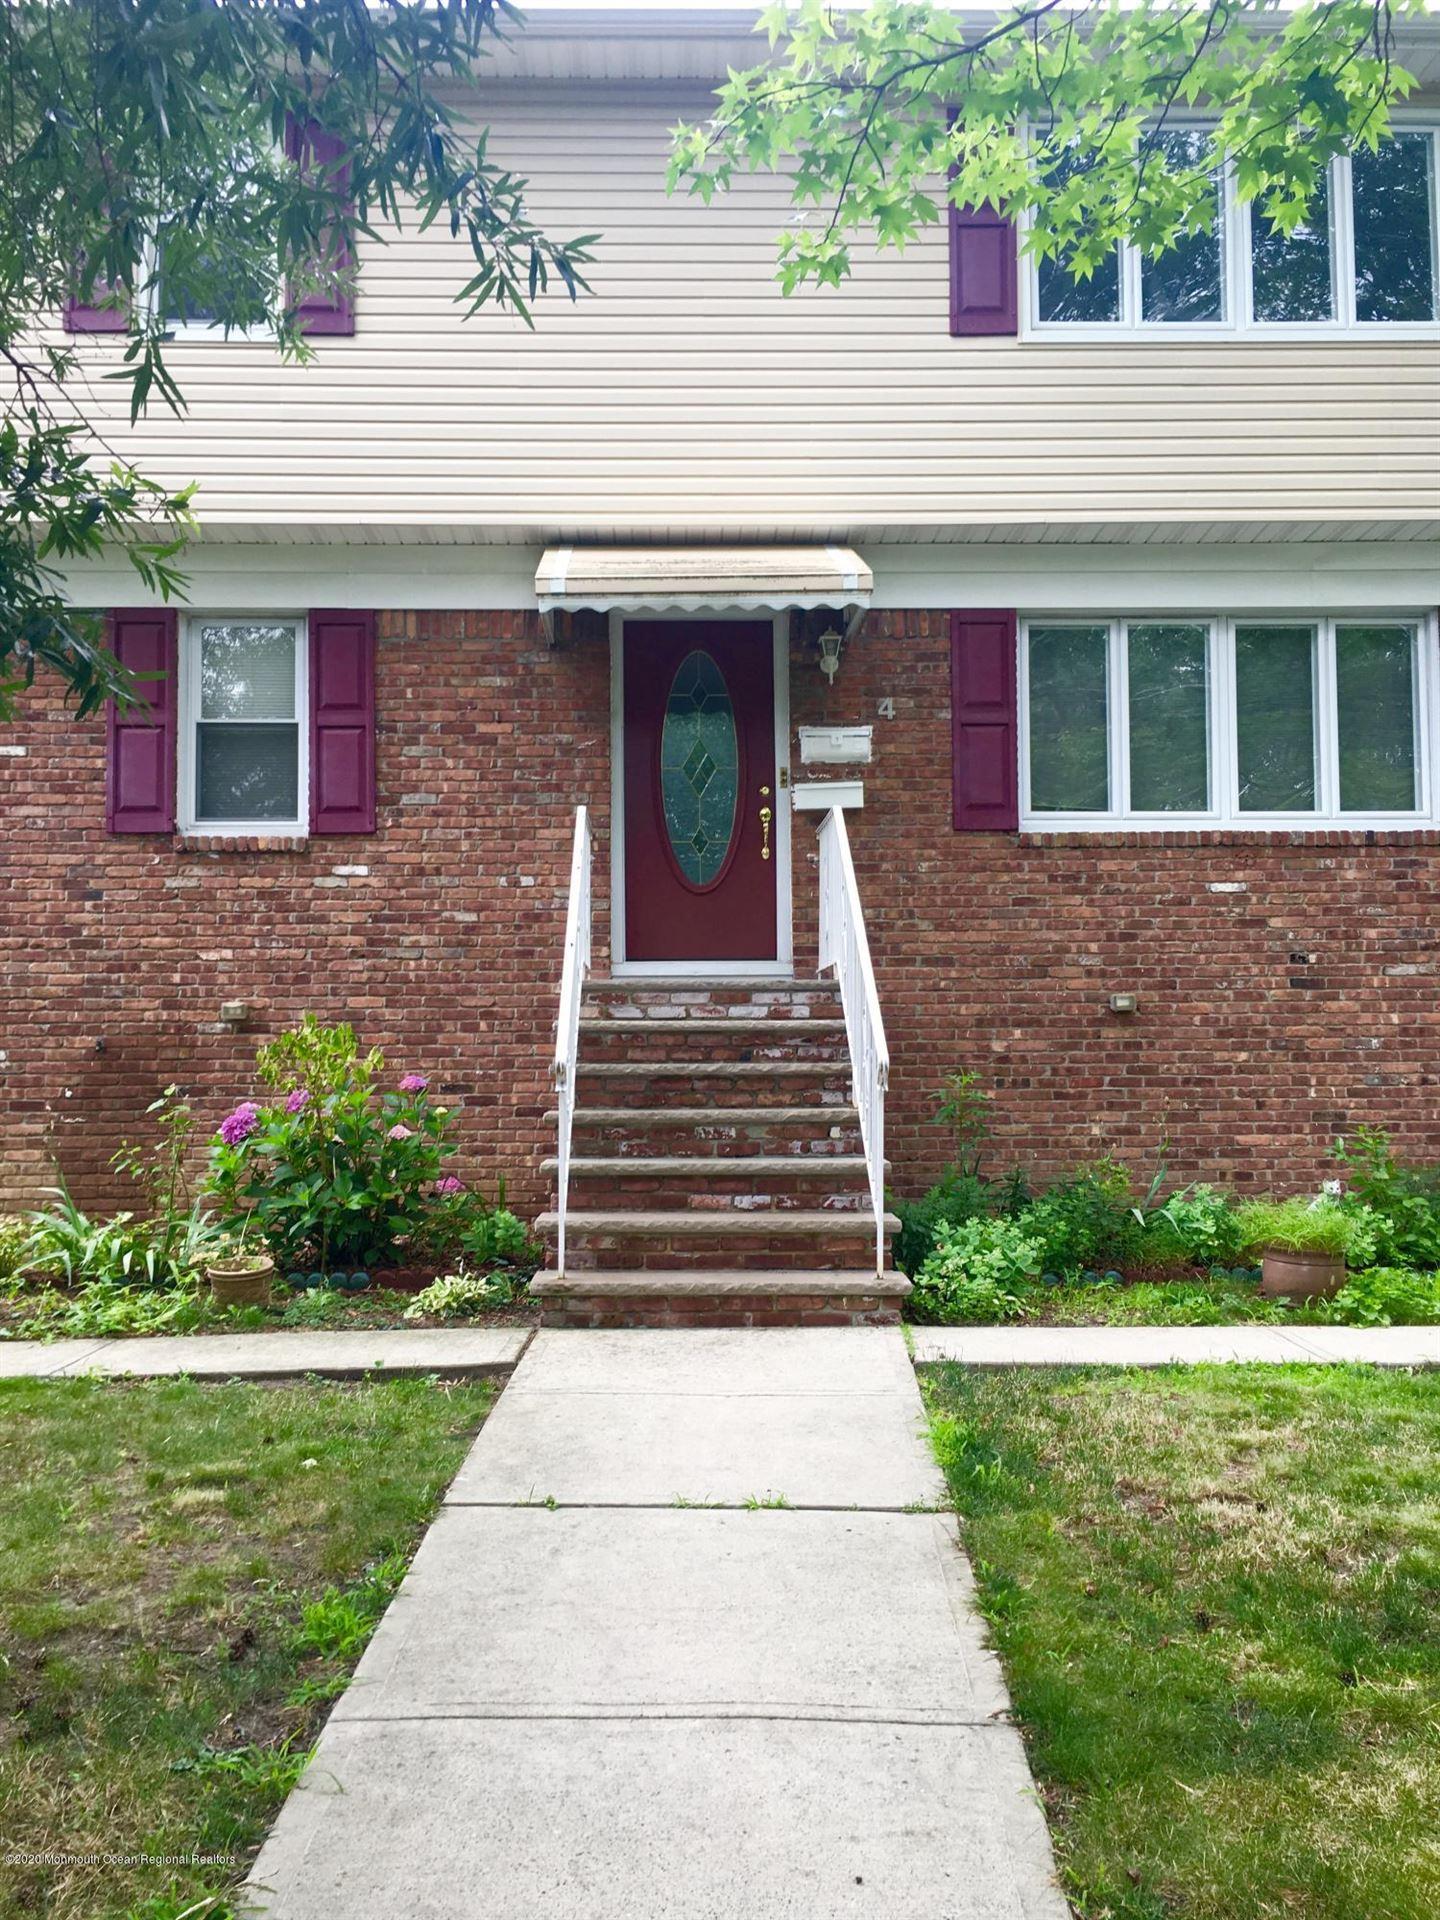 4 Holly Avenue, Hazlet, NJ 07734 - MLS#: 22031850